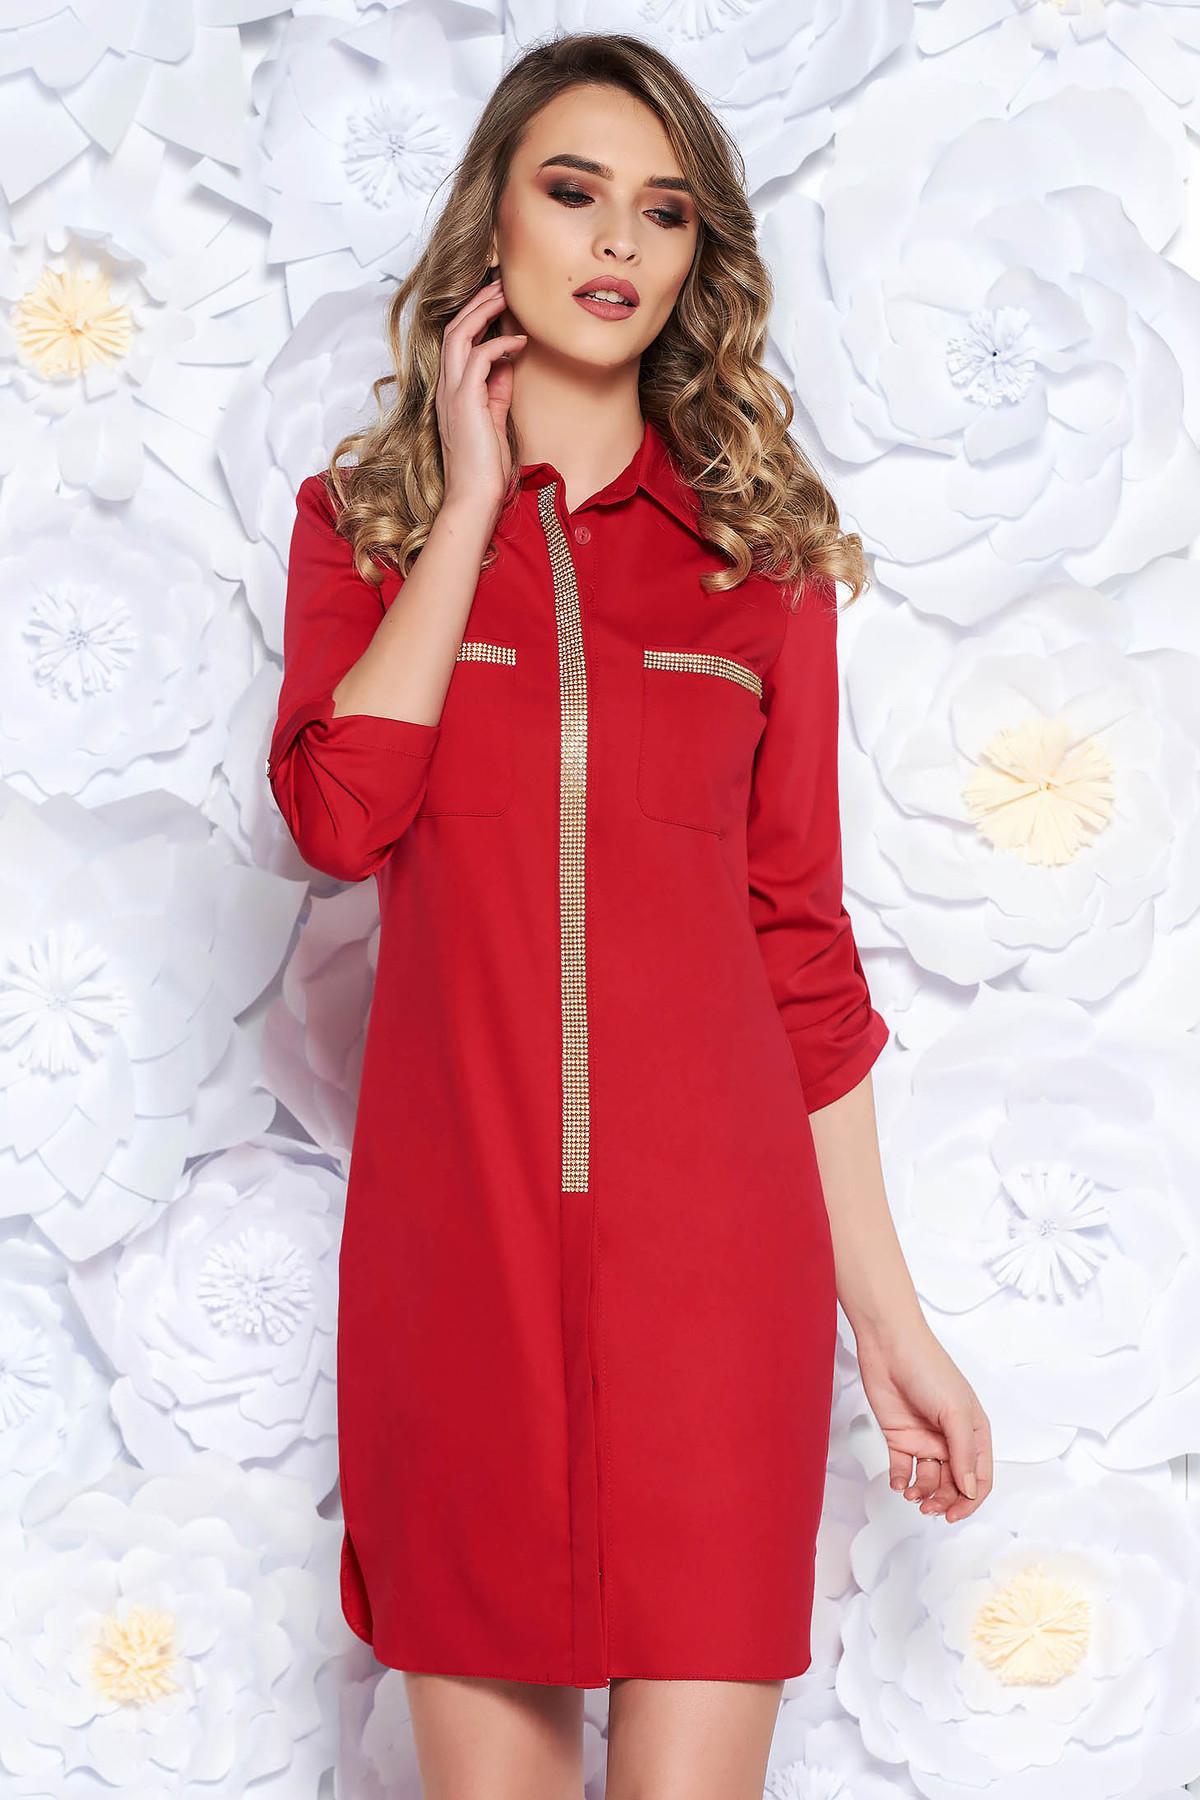 Rochie rosie casual cu un croi drept din material usor elastic cu aplicatii stralucitoare